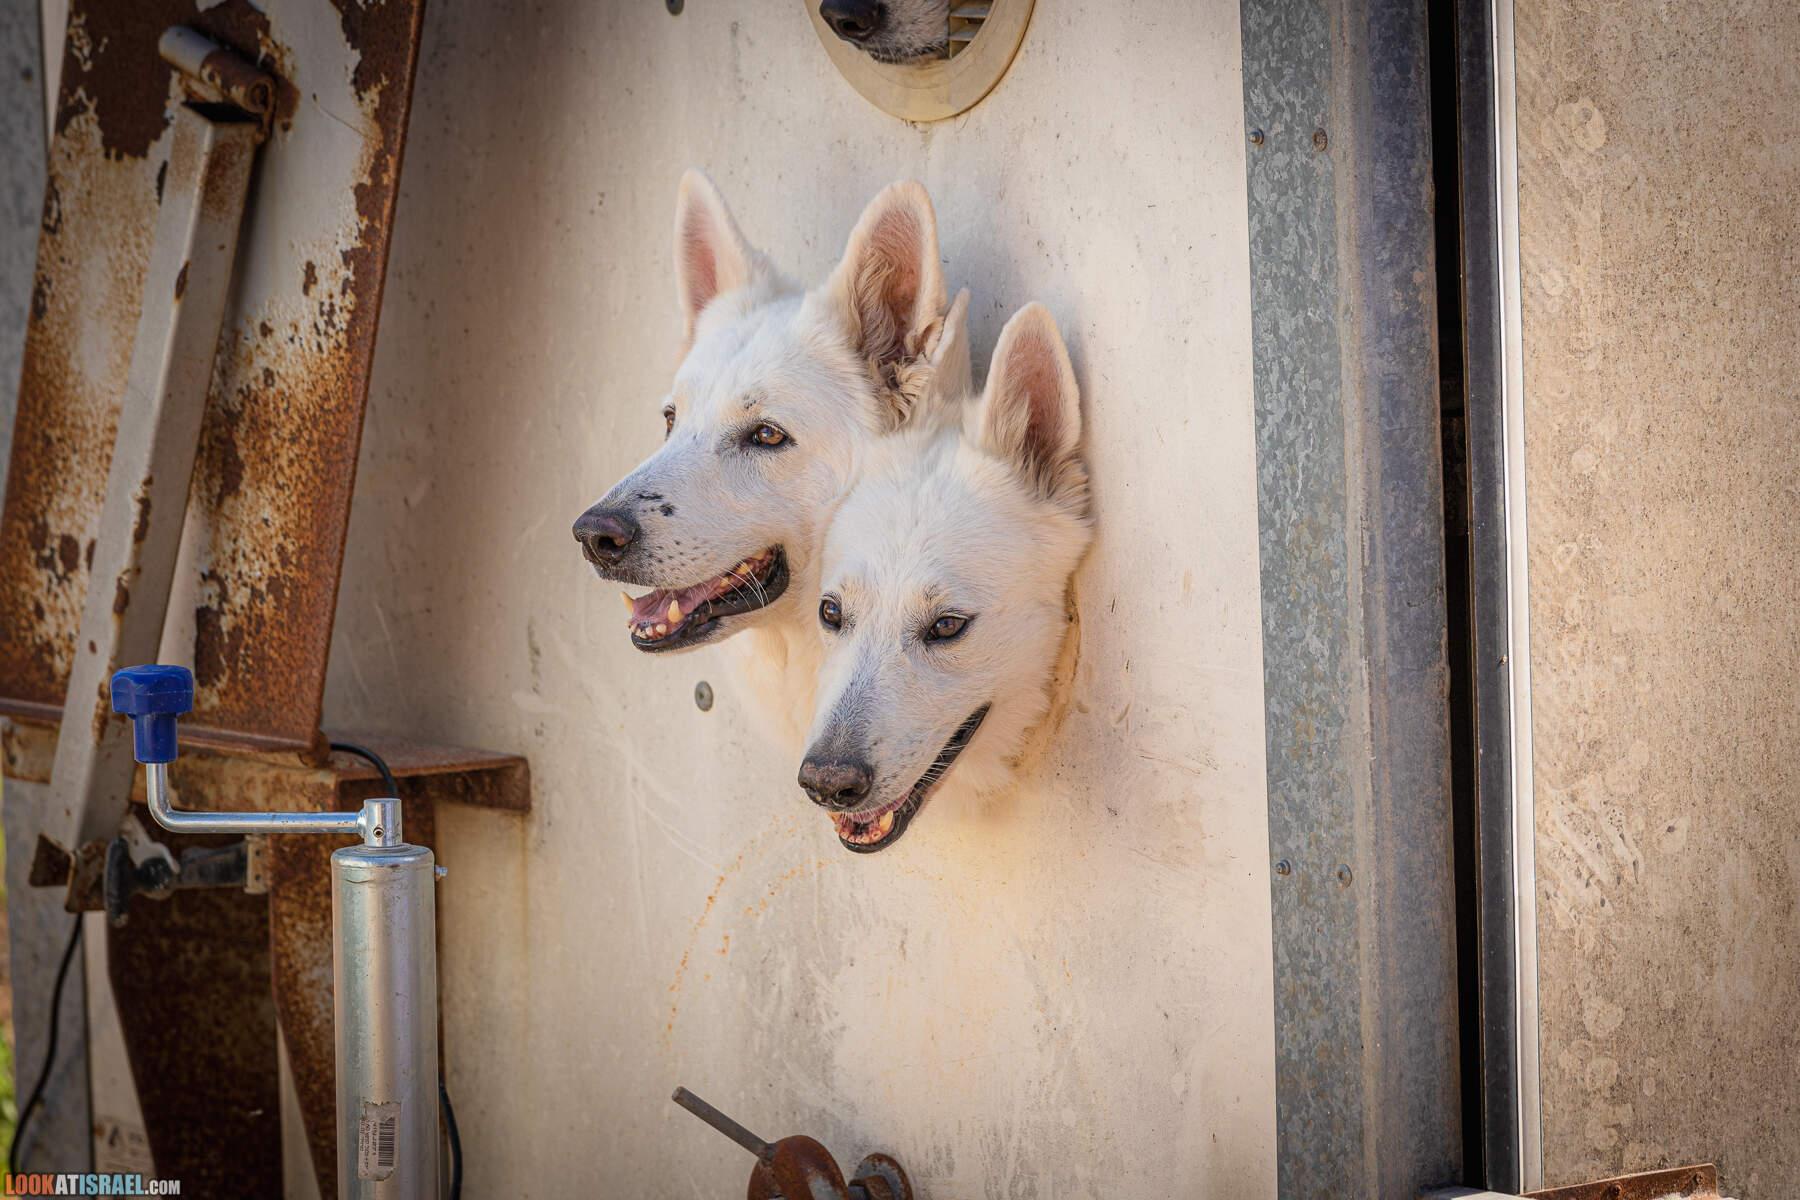 Выставка клуба пастушьих собак - корги кардиган и пембрук, Израиль 2021